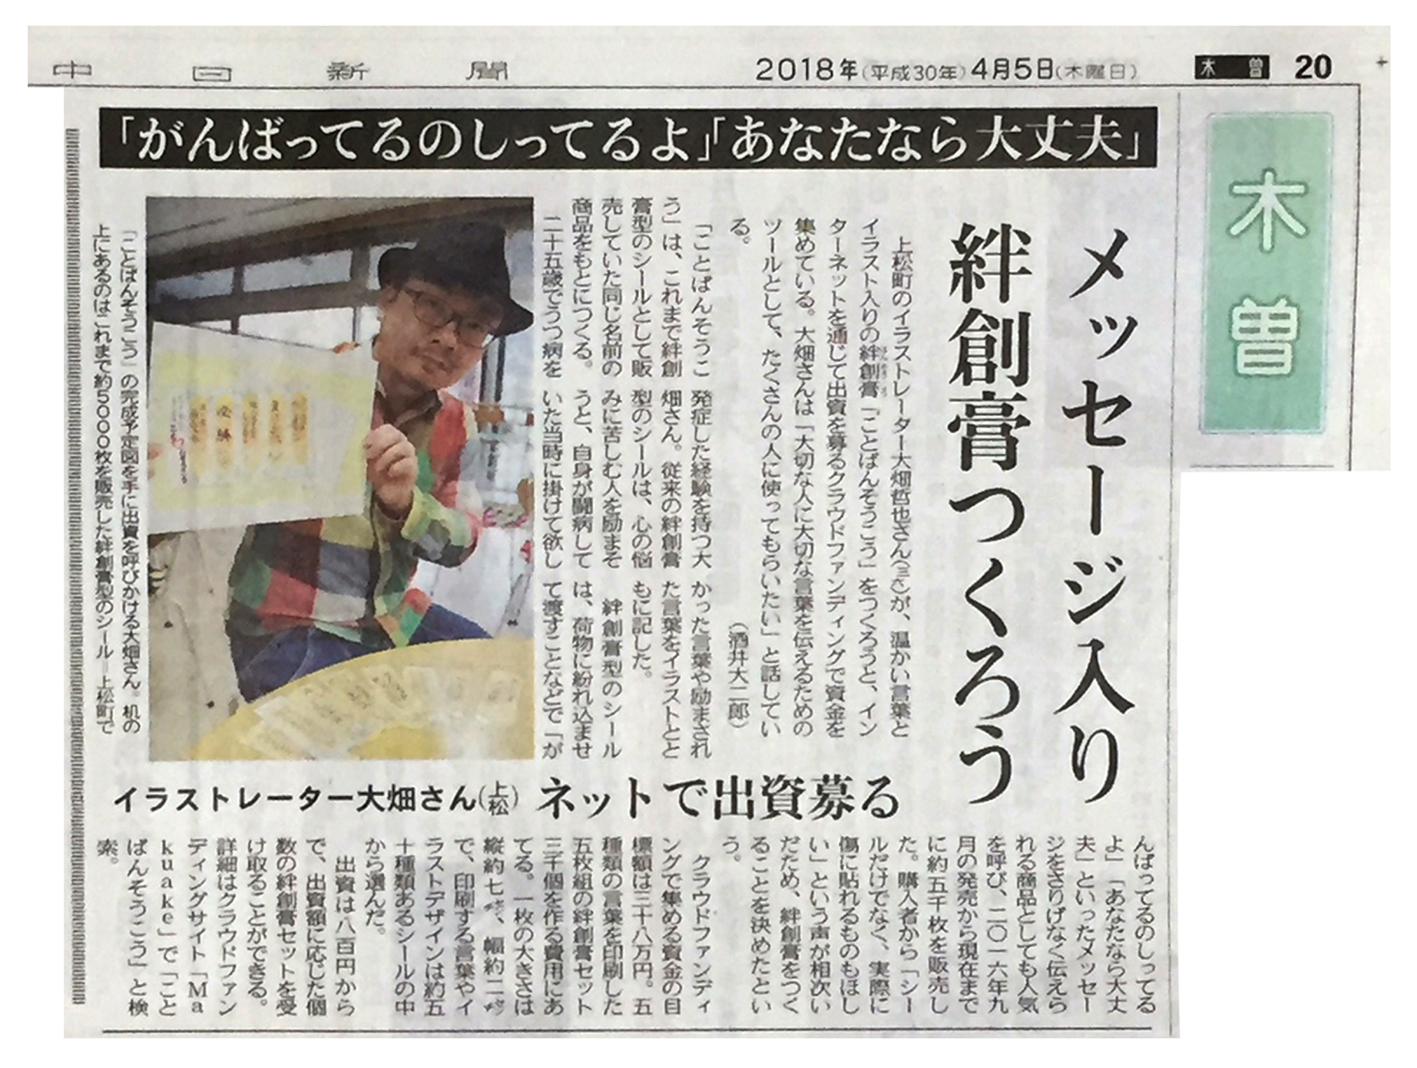 4月5日 中日新聞にプロジェクトのことが掲載されました。